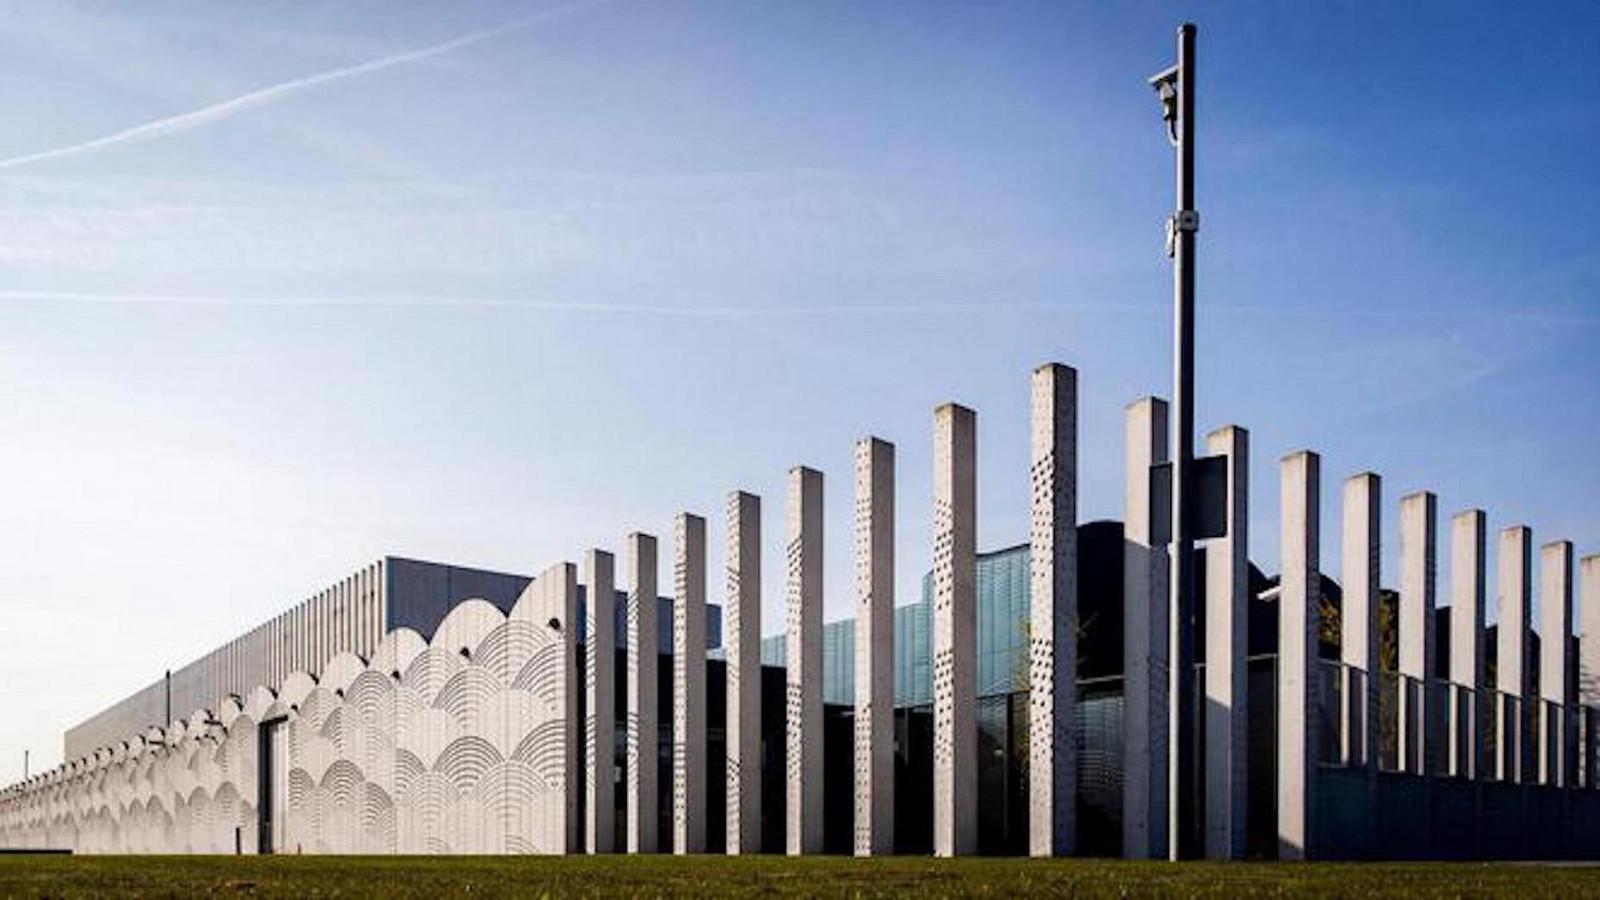 De extra-beveiligde rechtbank op Schiphol waar het MH17-proces plaatsvindt